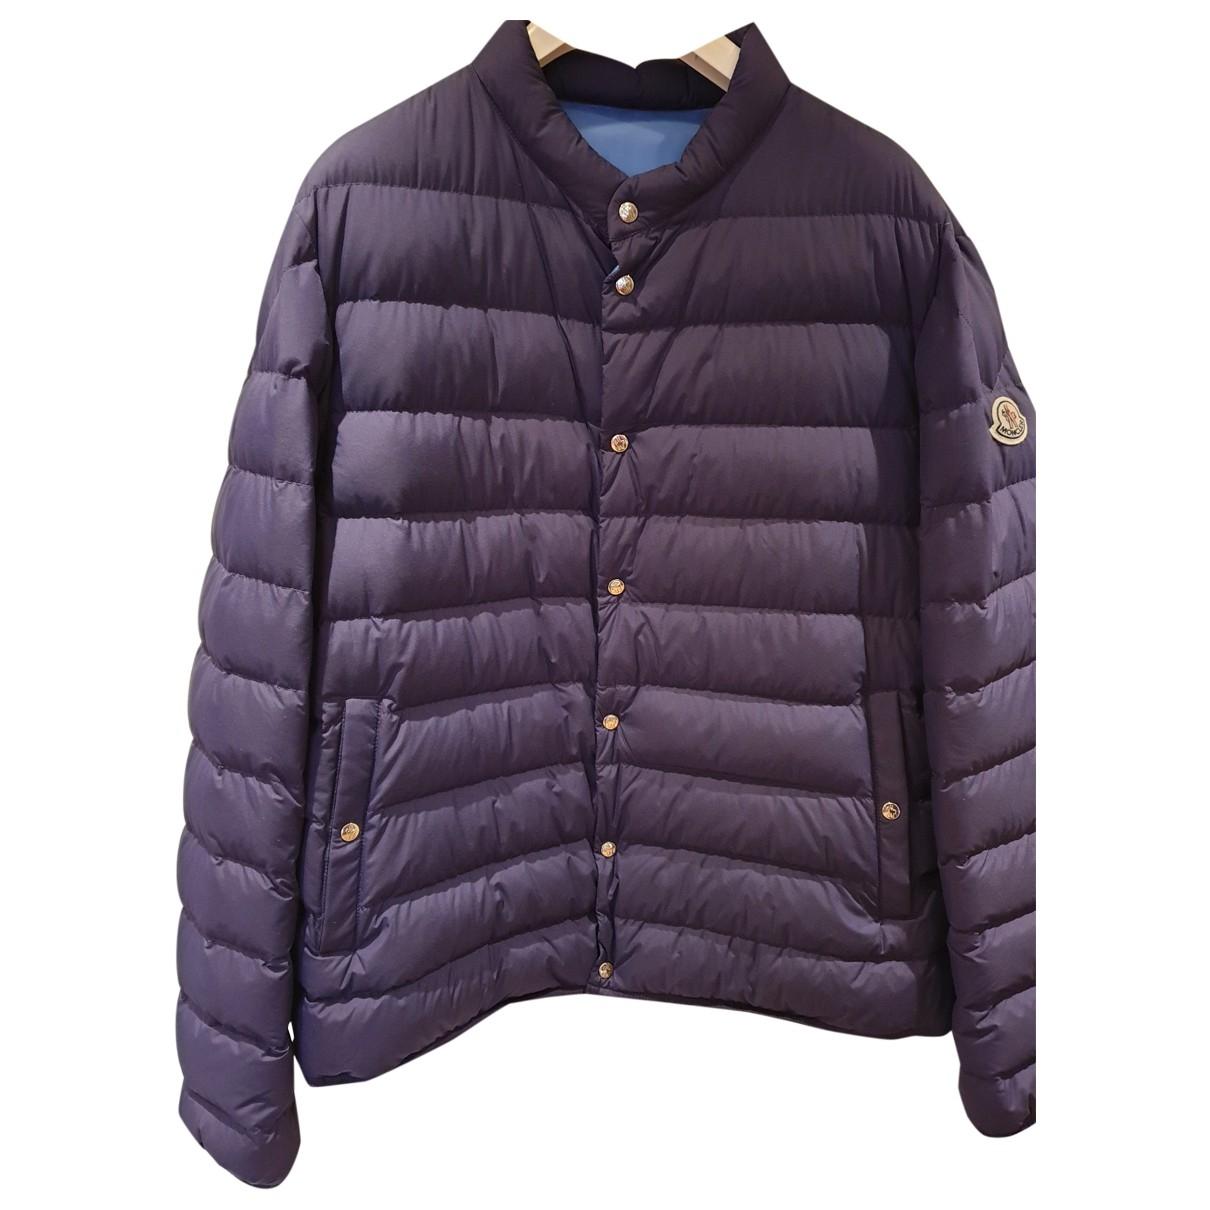 Moncler Classic Blue coat  for Men 5 0 - 6